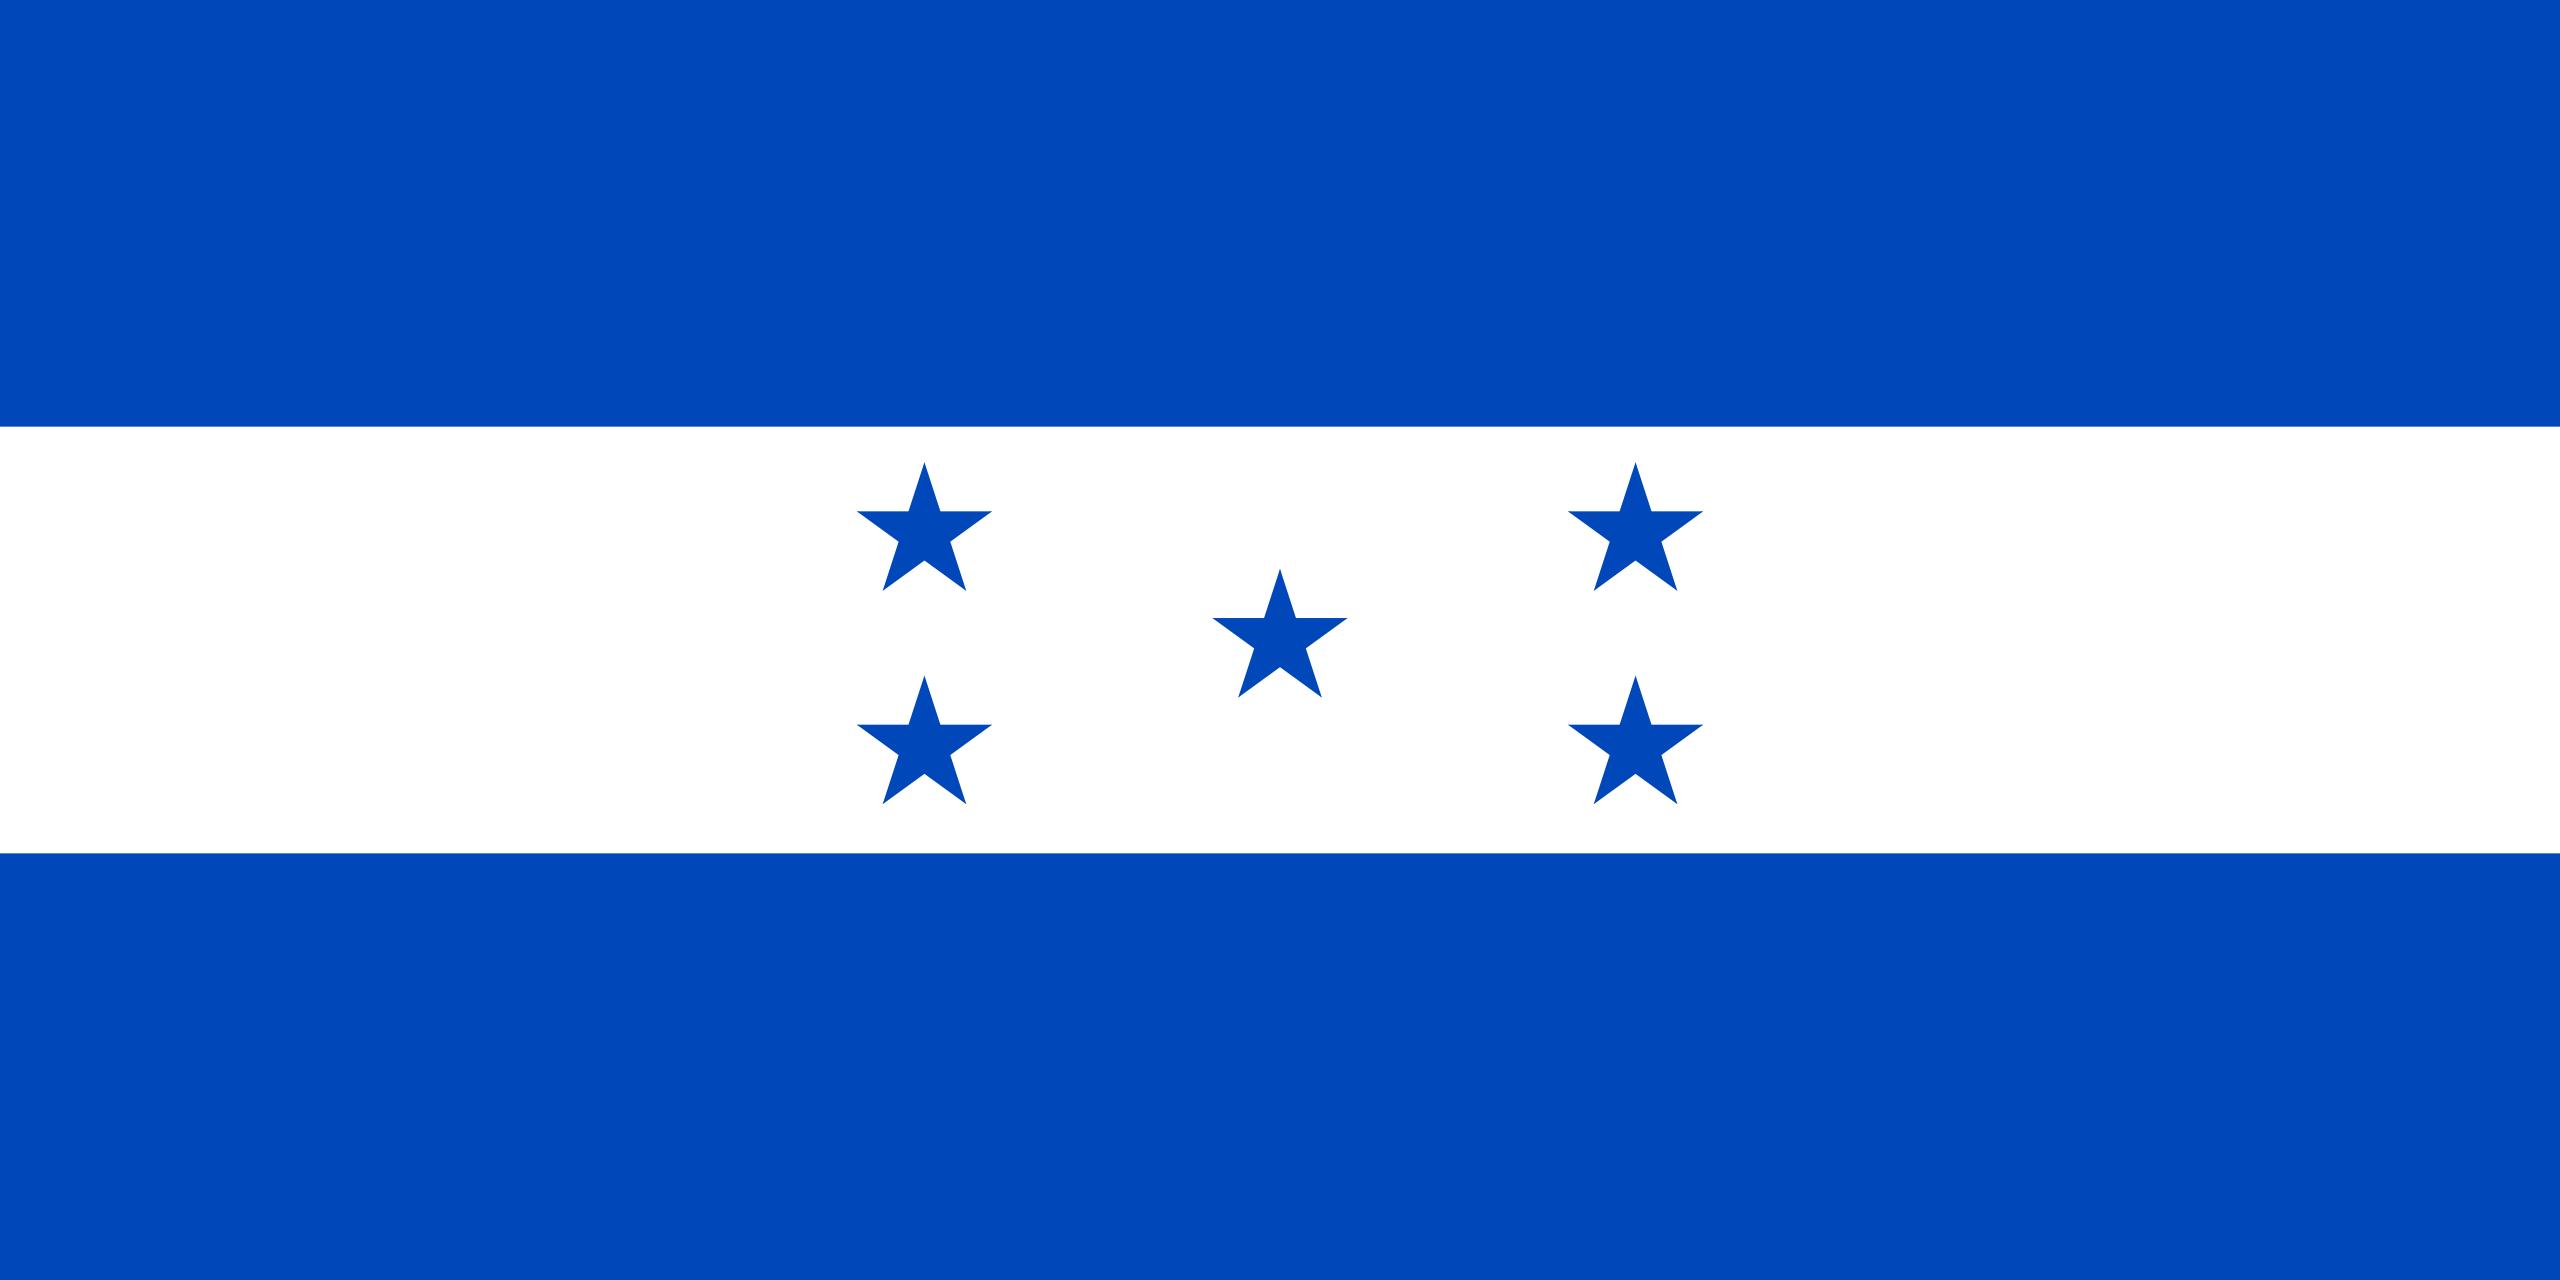 هندوراس, البلد, emblema, شعار, الرمز - خلفيات عالية الدقة - أستاذ falken.com